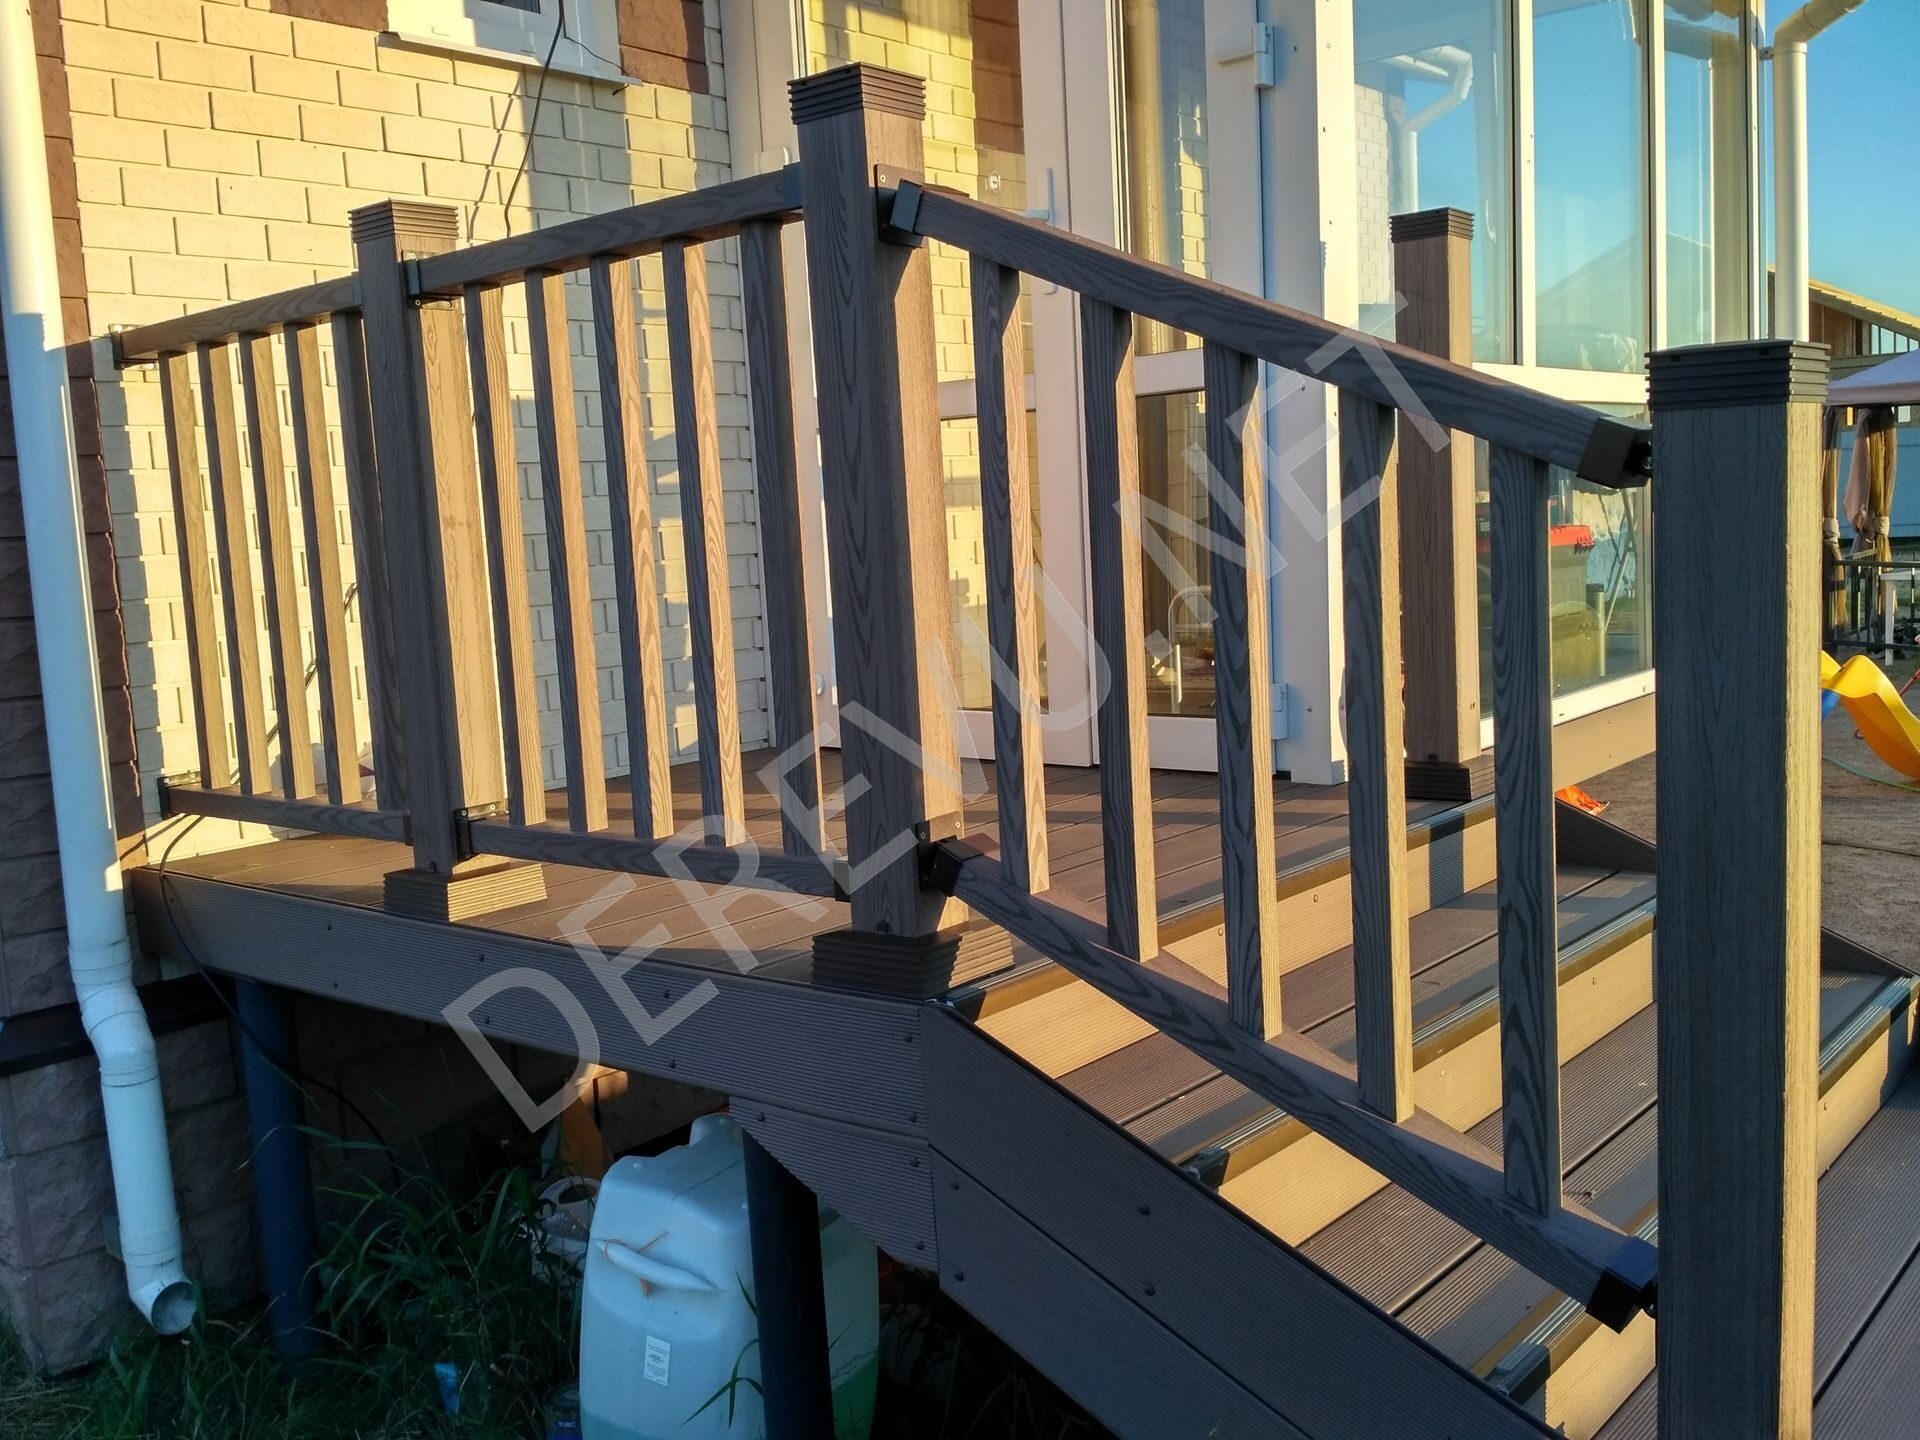 Ограждение для террасы holzhof woodstyle-s 1,1м*1м. цвет - w.